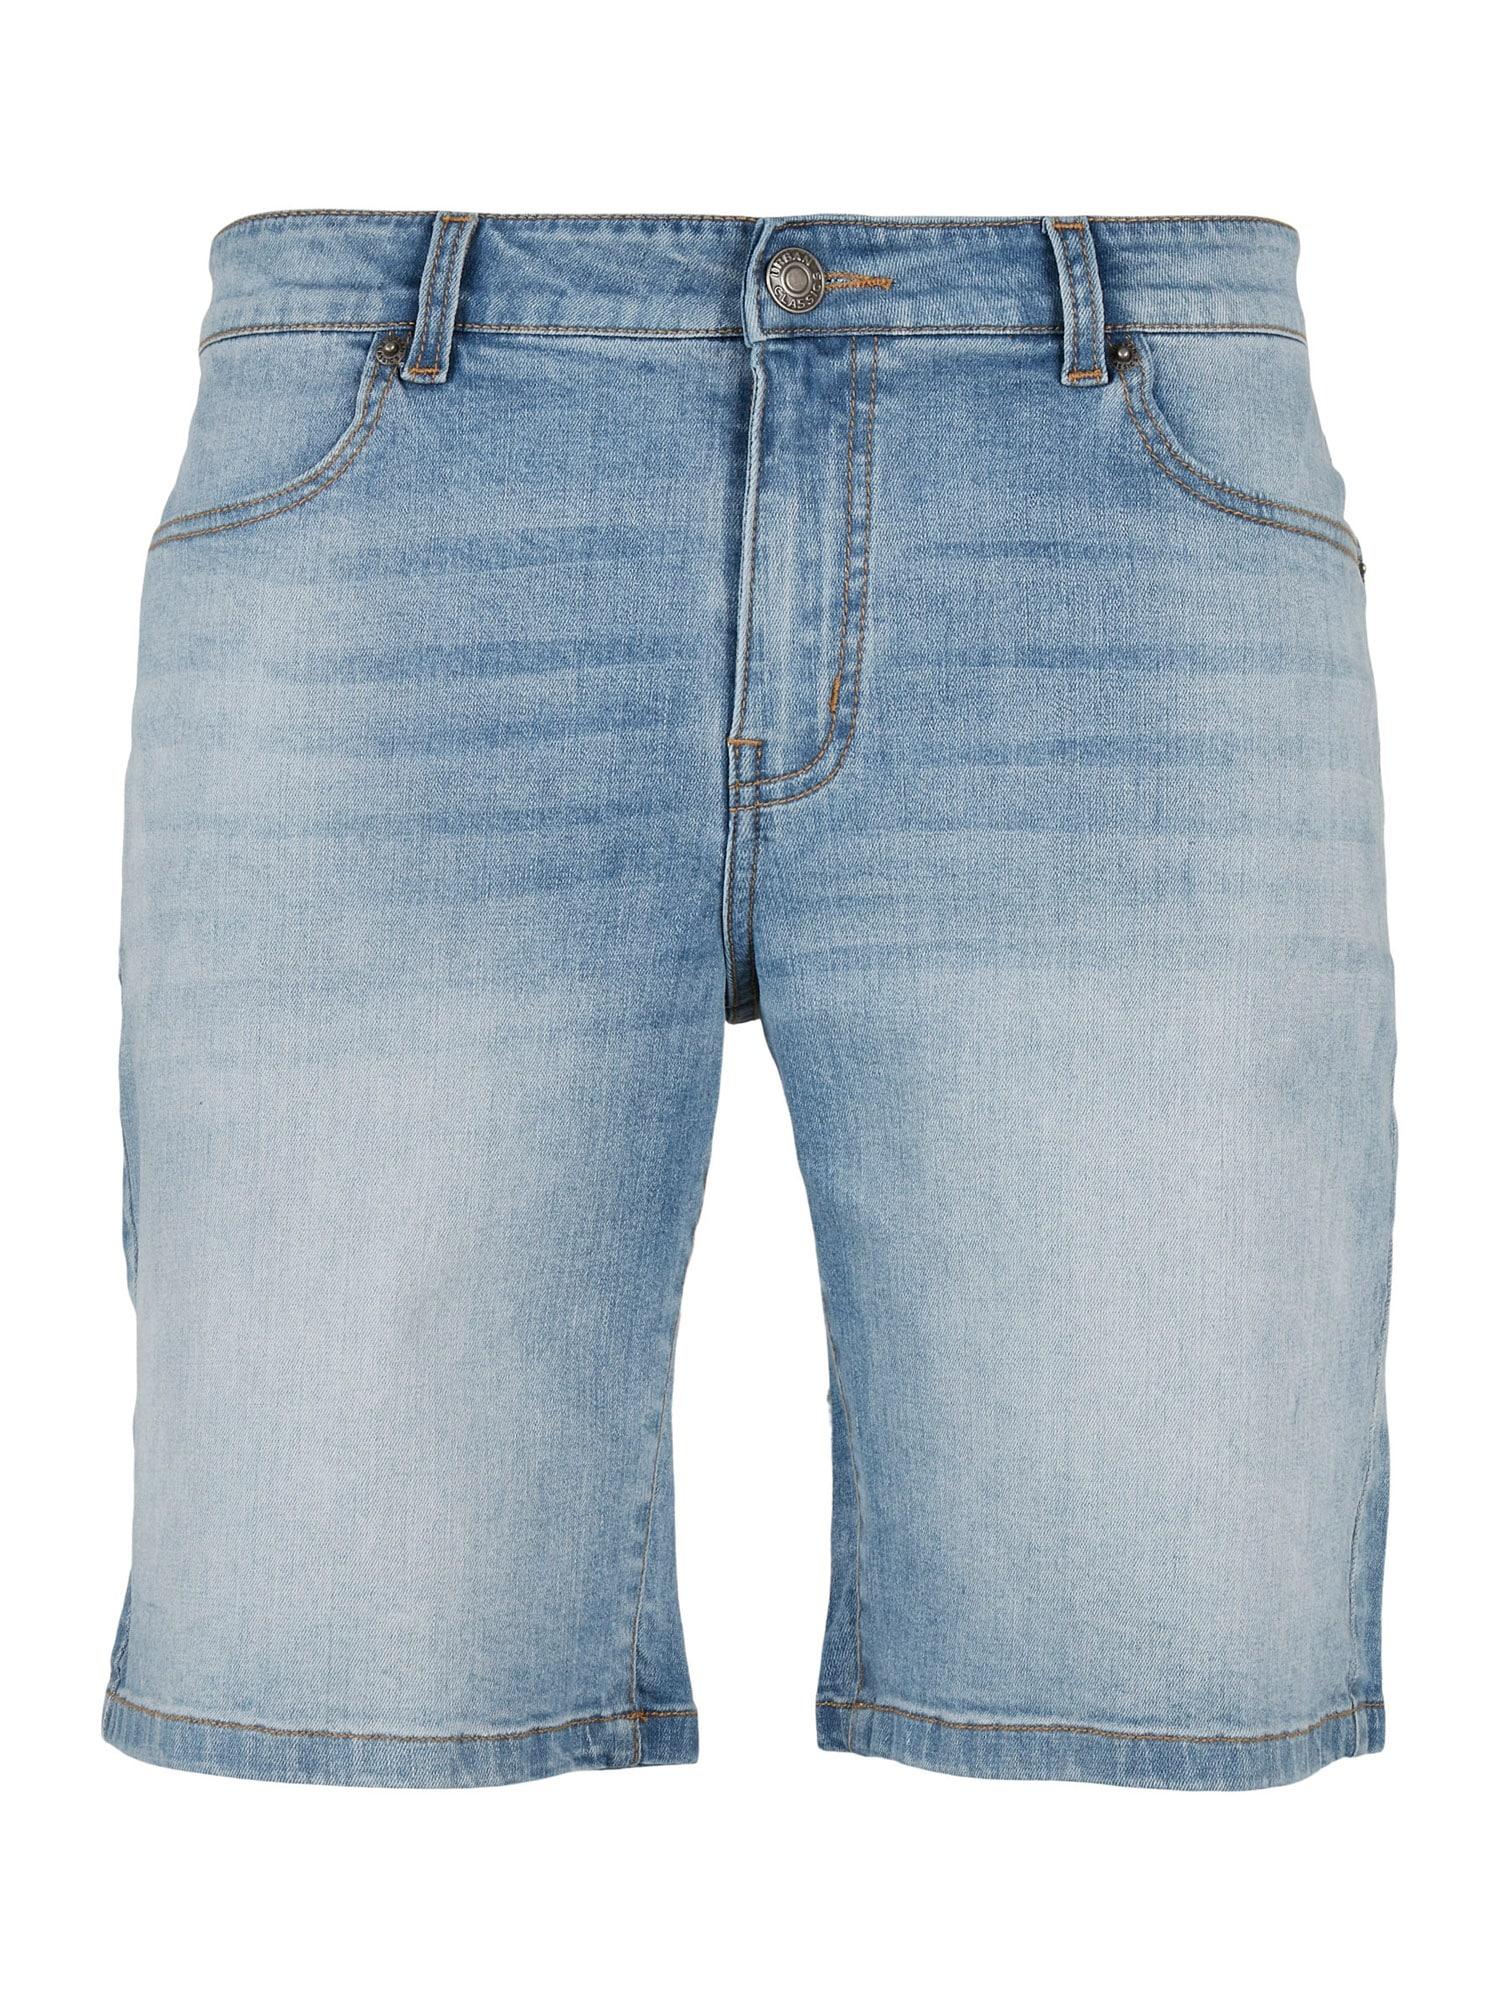 Urban Classics Big & Tall Džinsai tamsiai (džinso) mėlyna